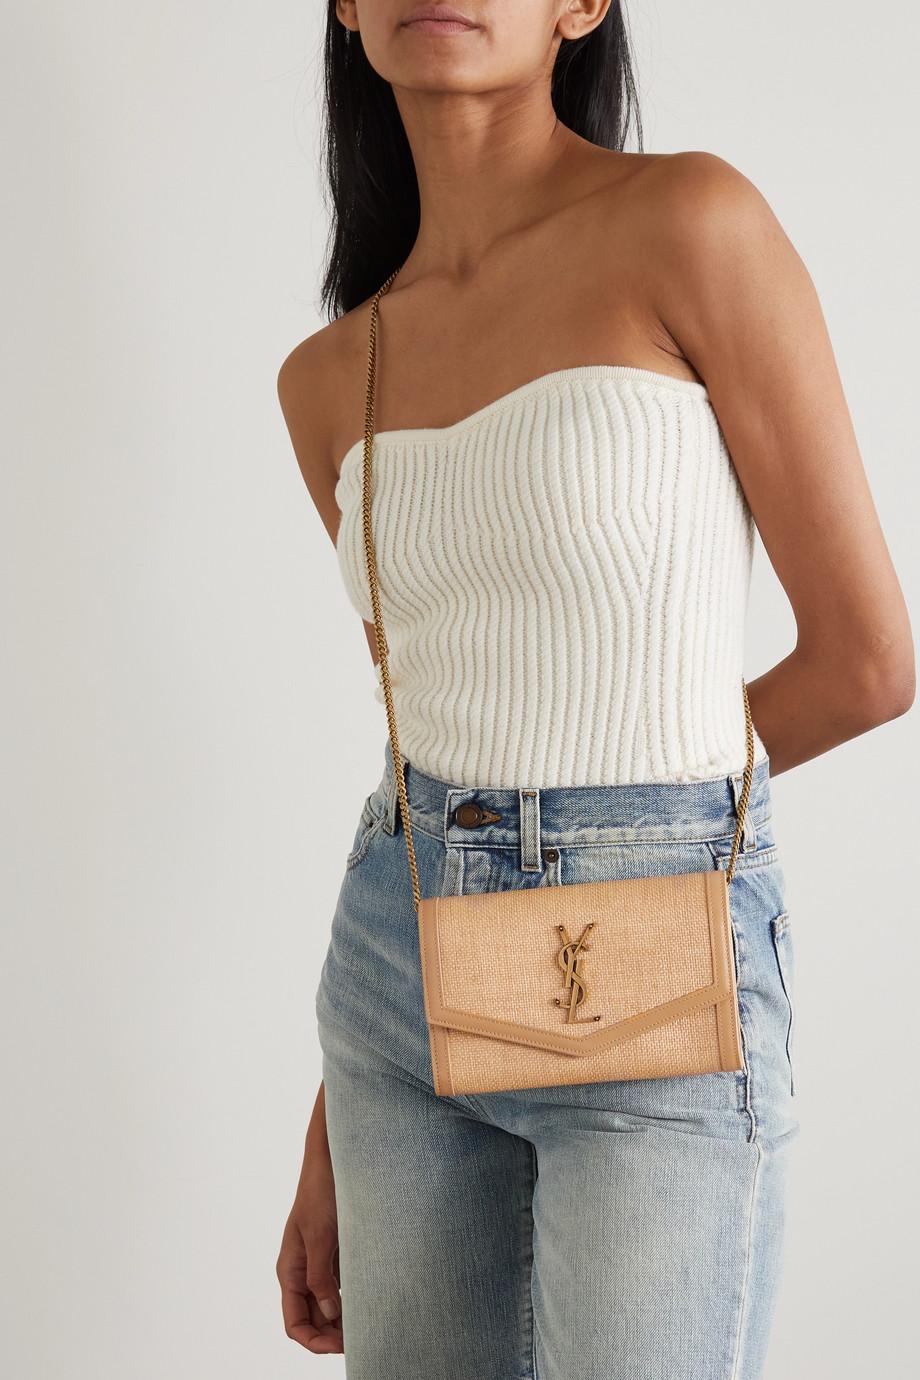 SAINT LAURENT Uptown leather-trimmed raffia shoulder bag